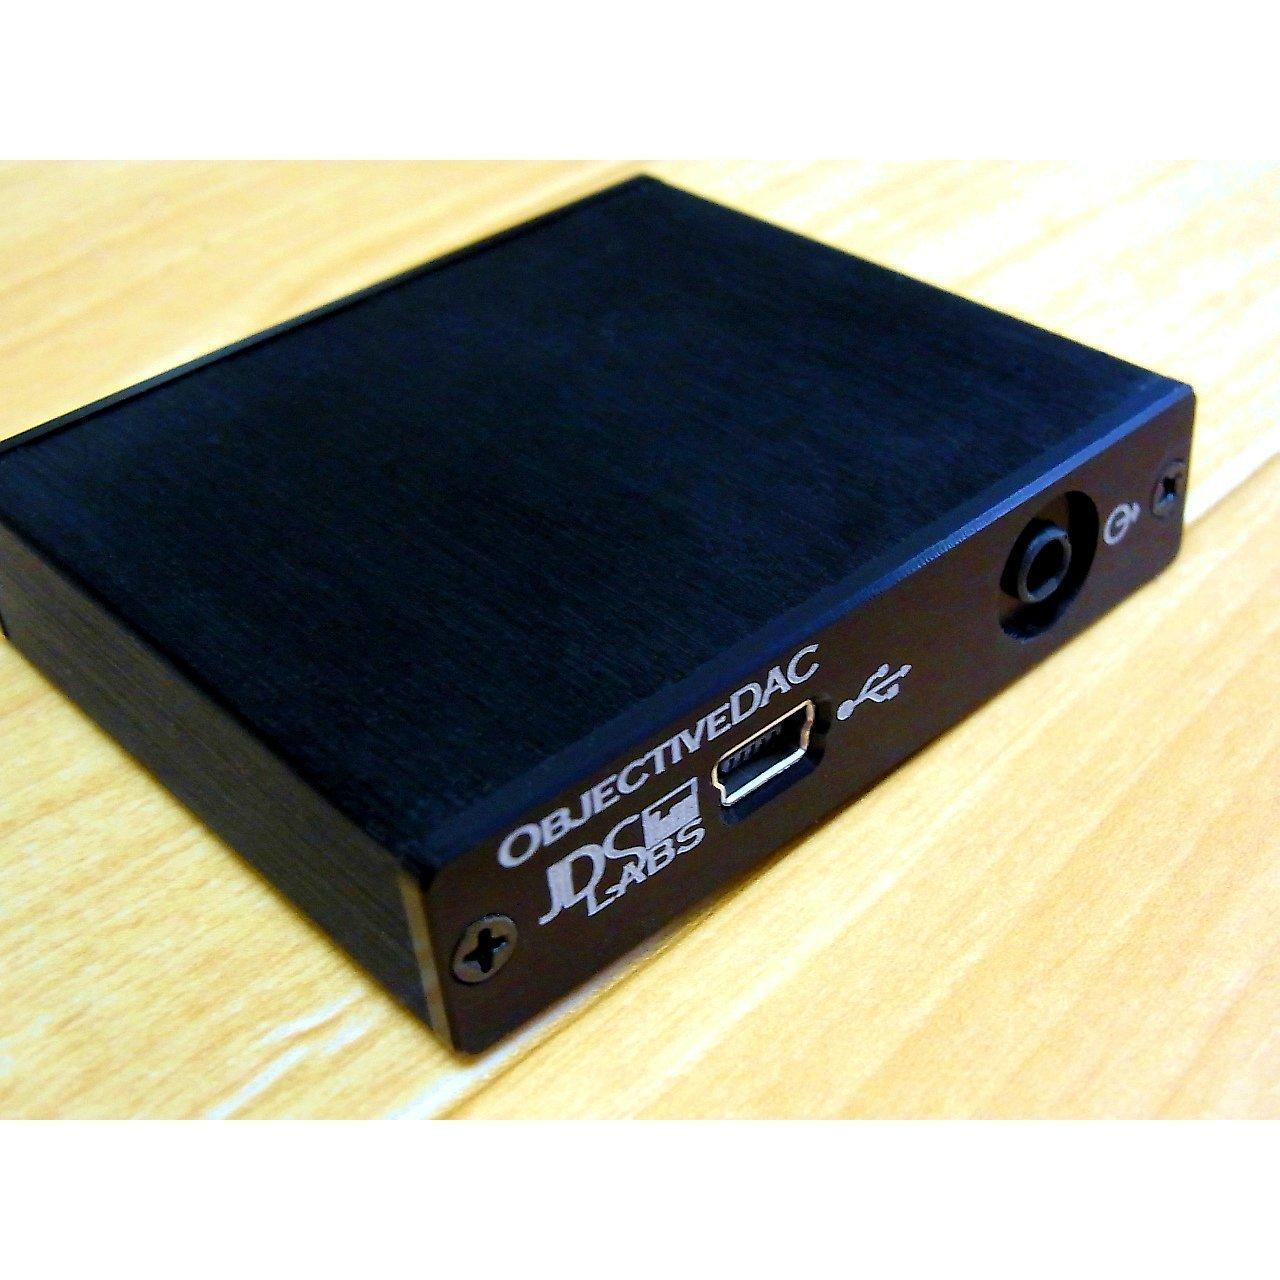 JDSLABS ODAC / USB